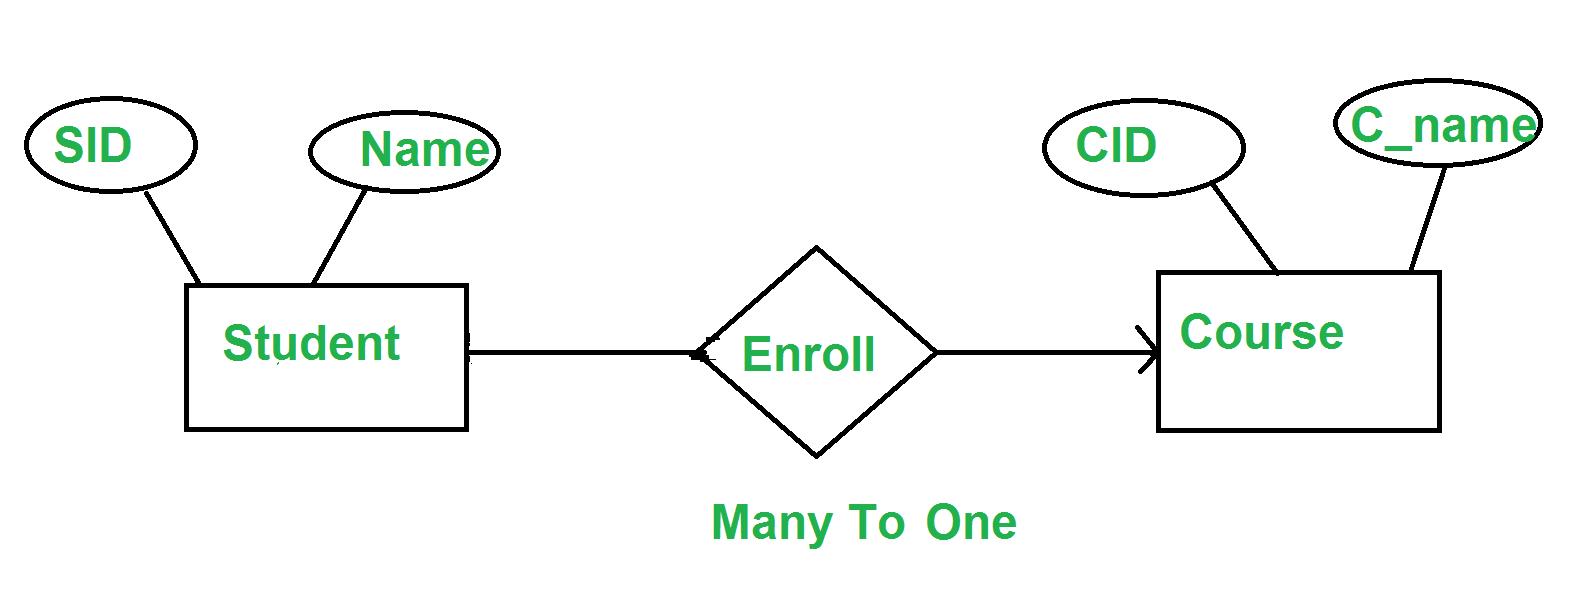 Many To Many Er Diagram